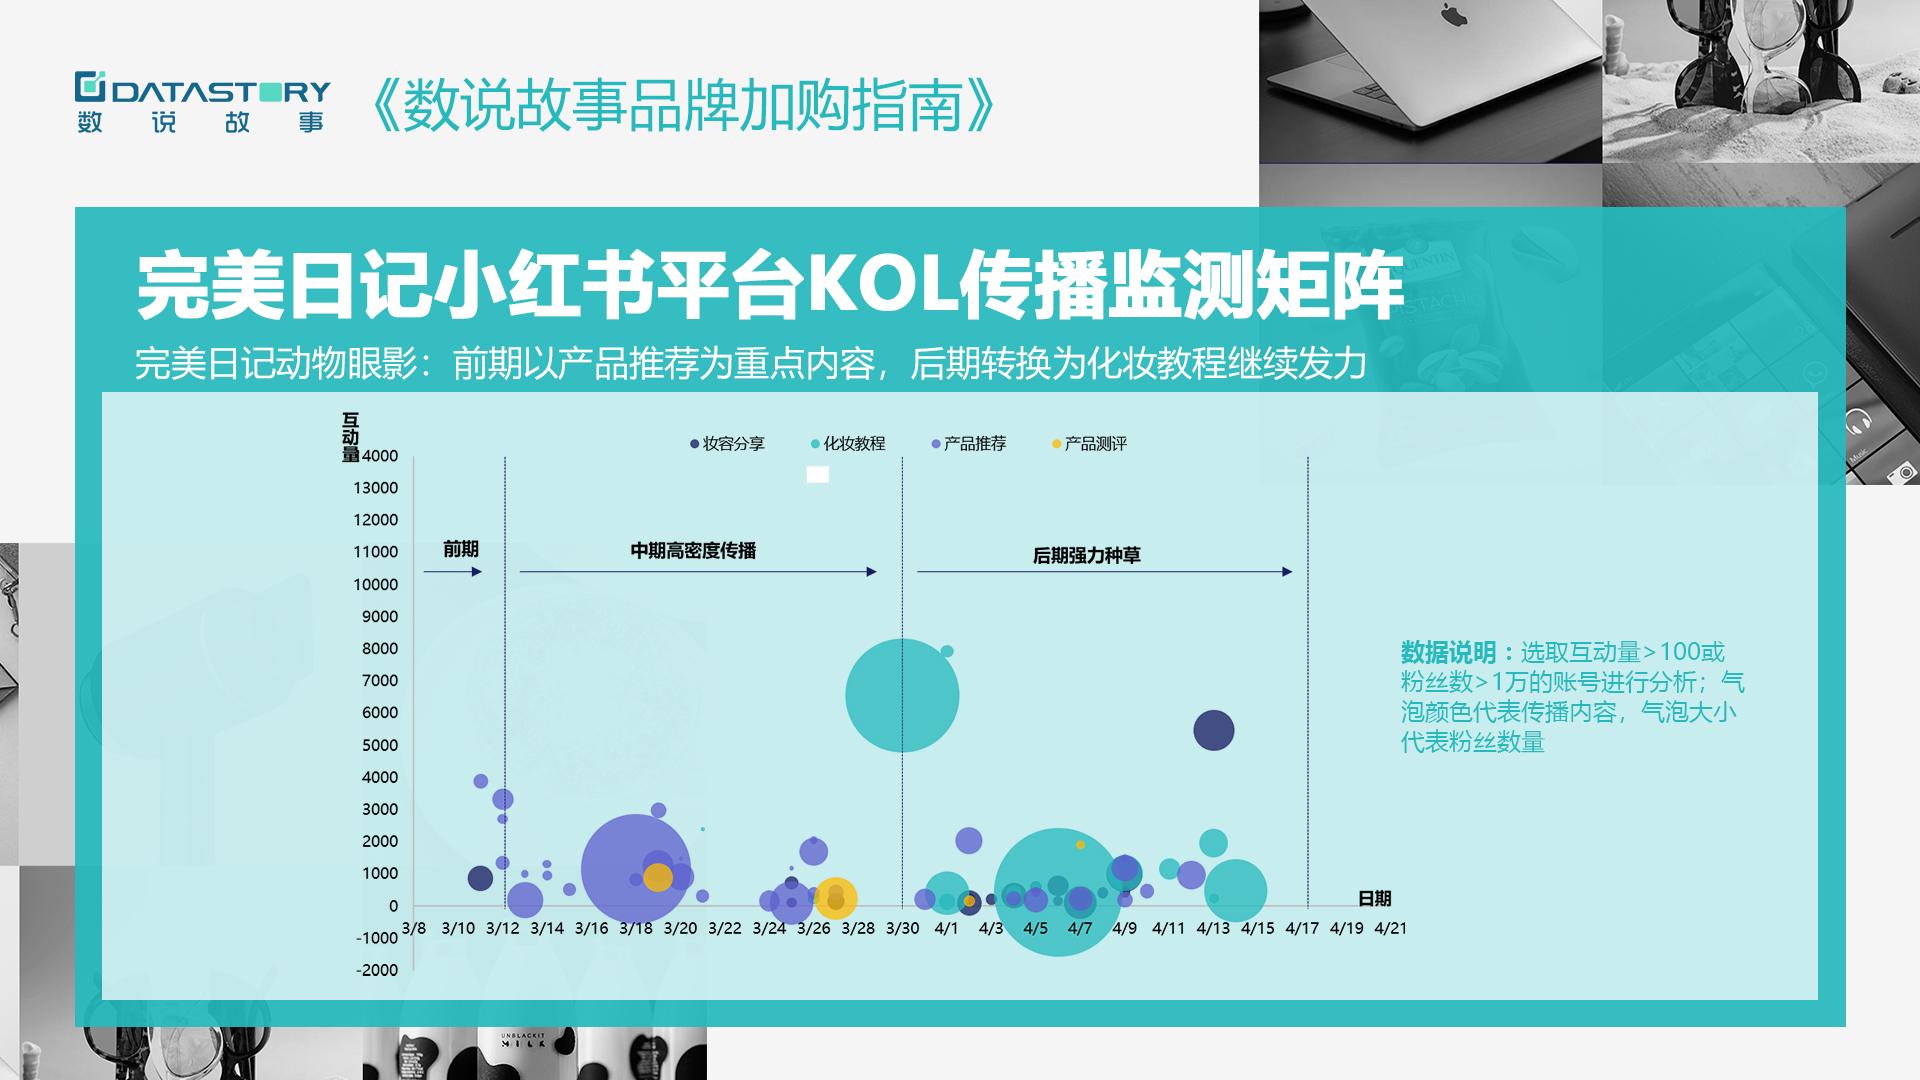 完美日记 VS 花西子,谁的品牌购买潜力更强?